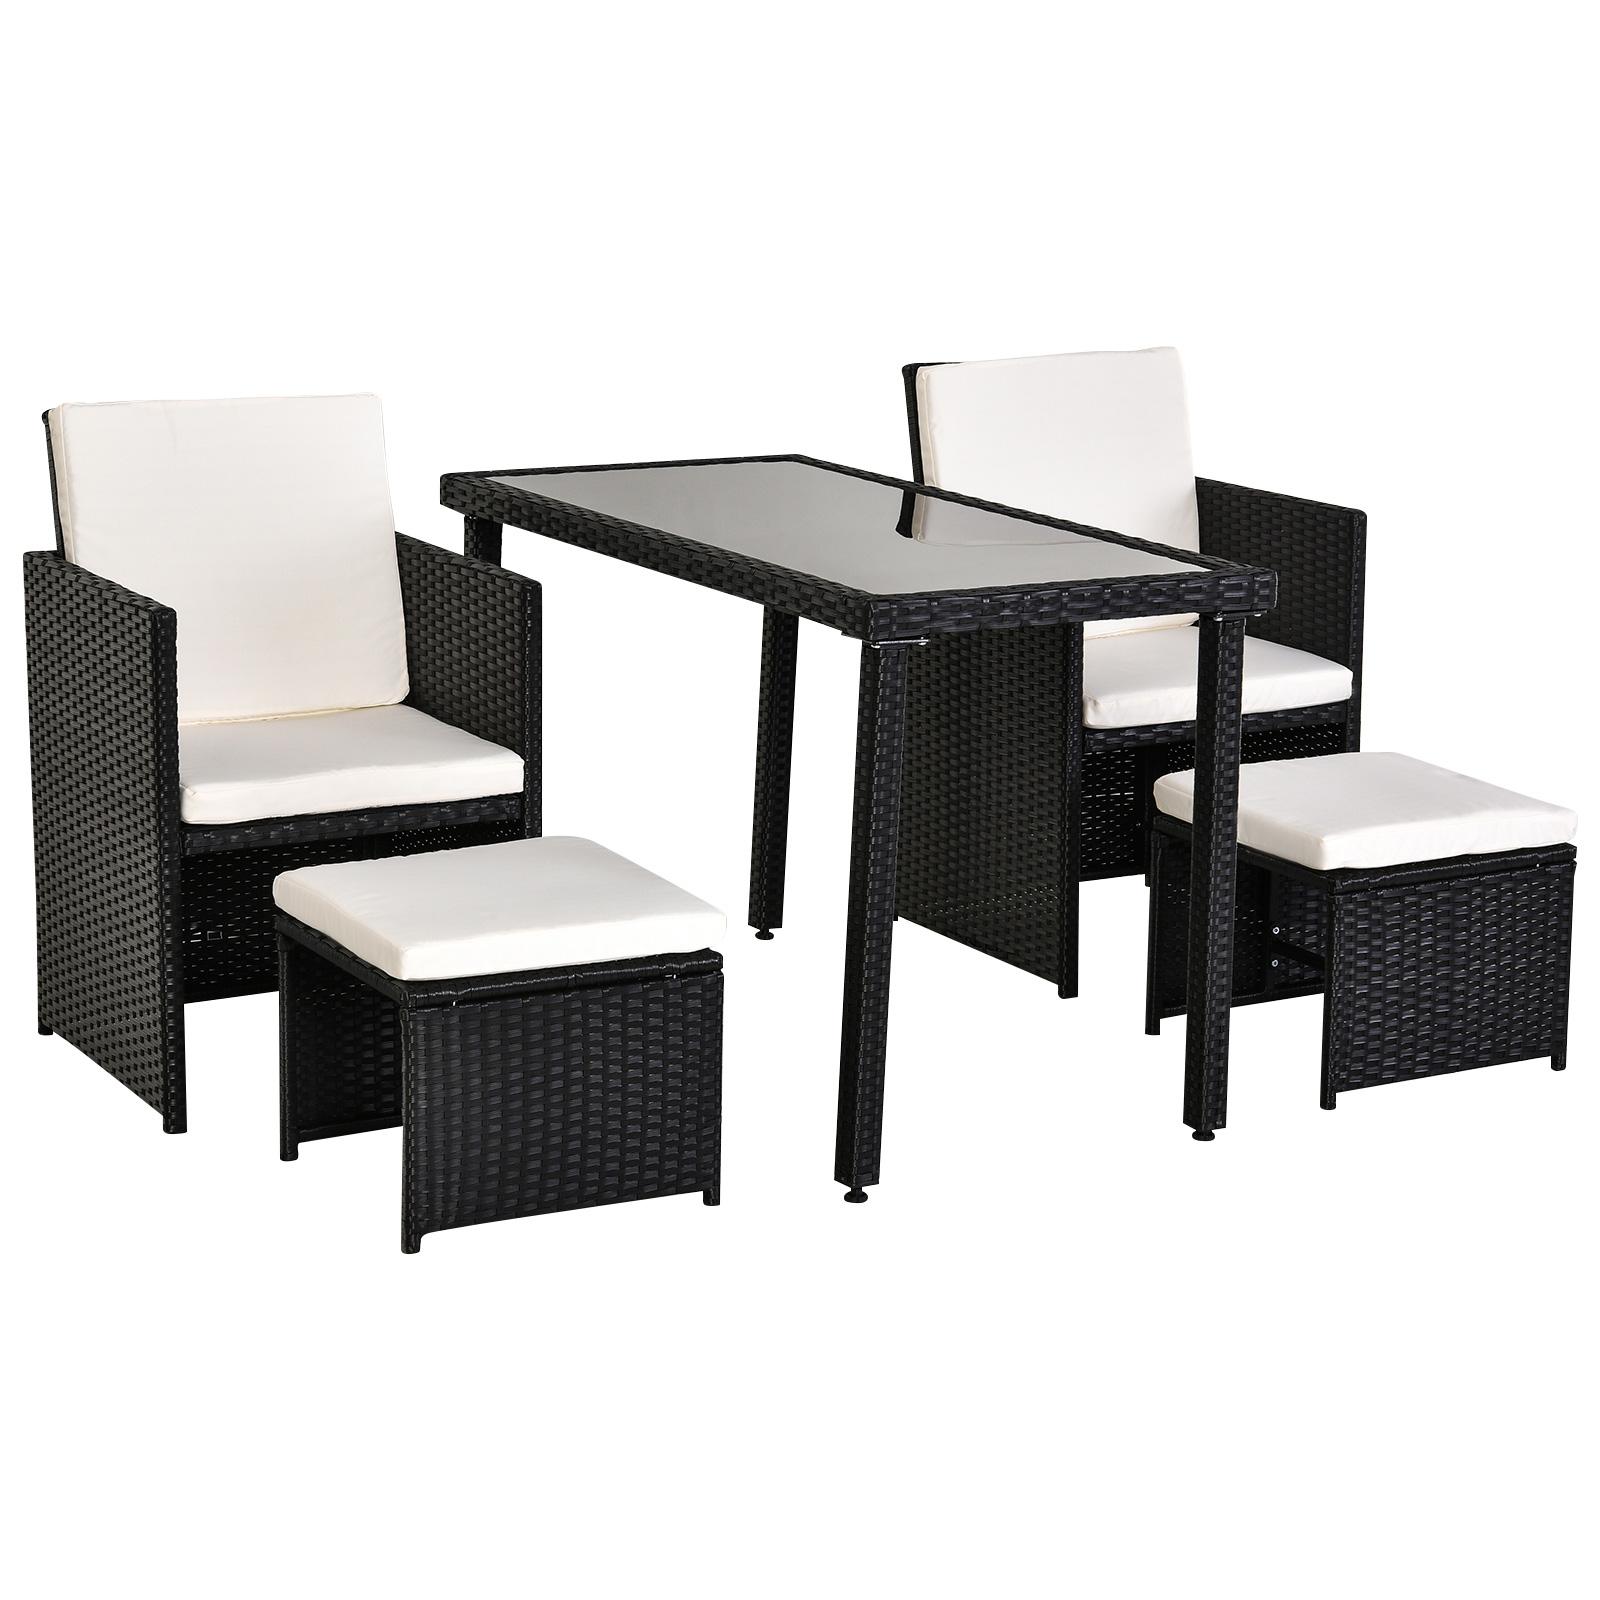 Ensemble salon jardin encastrable 2 fauteuils 2 tabourets table noir